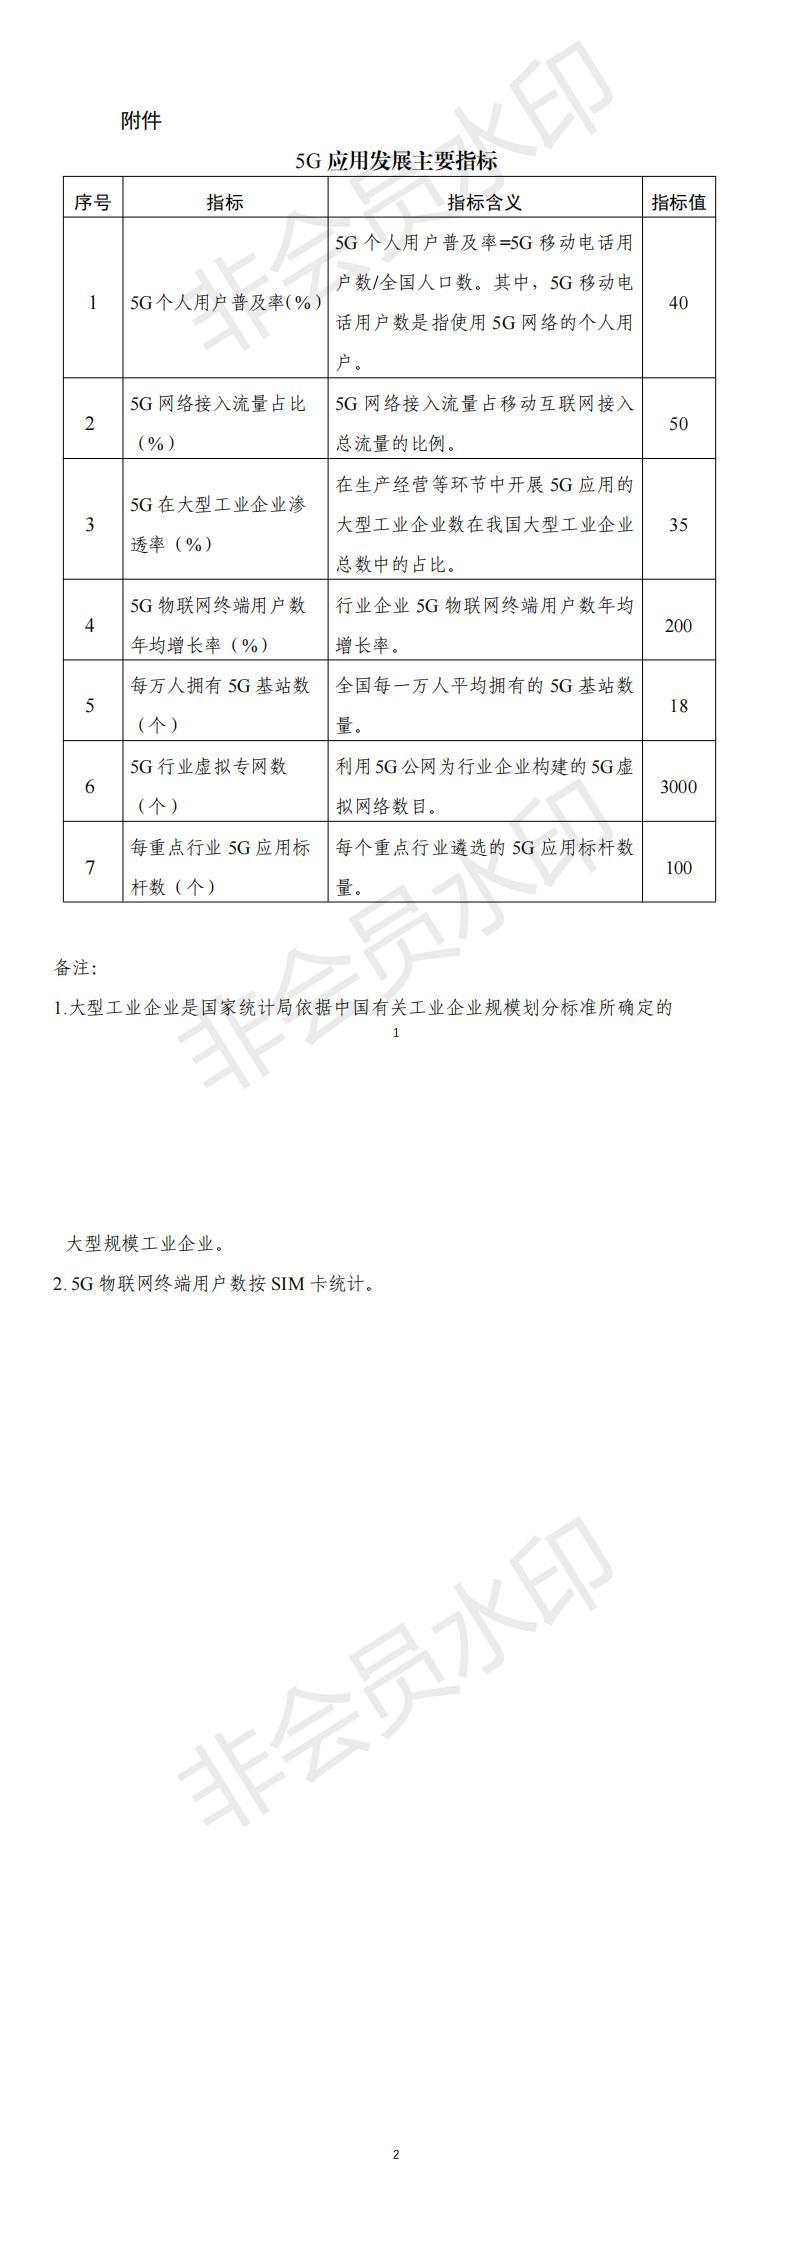 """十部门关于印发《5G应用""""扬帆""""行动计划(2021-2023年)》的通知"""